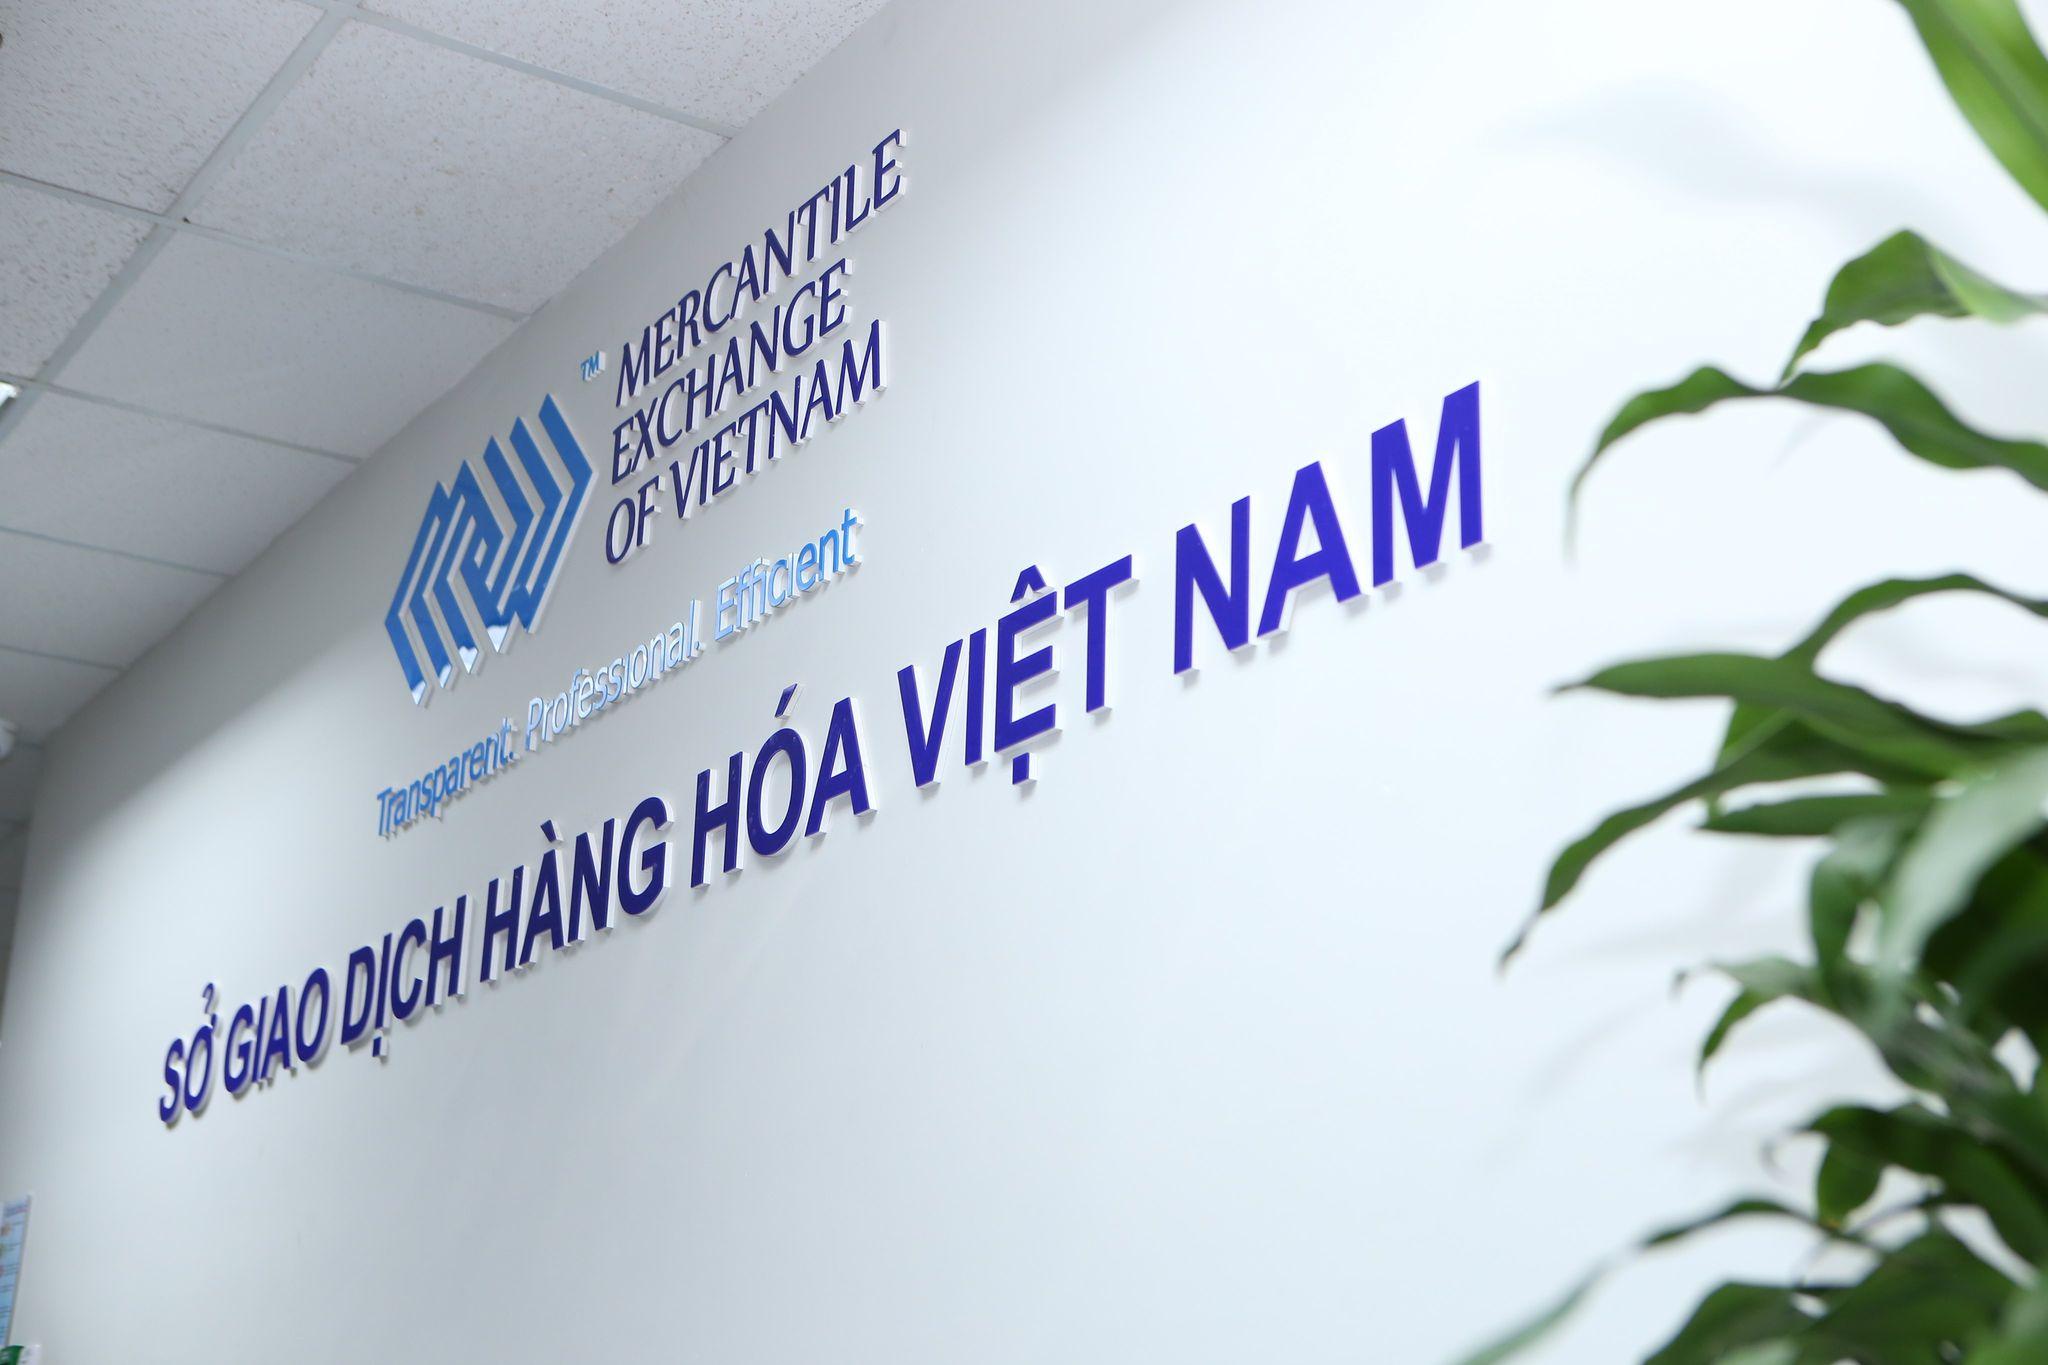 Sở Giao Dịch Hàng Hóa Việt Nam (Mercantile Exchange of Vietnam – MXV).